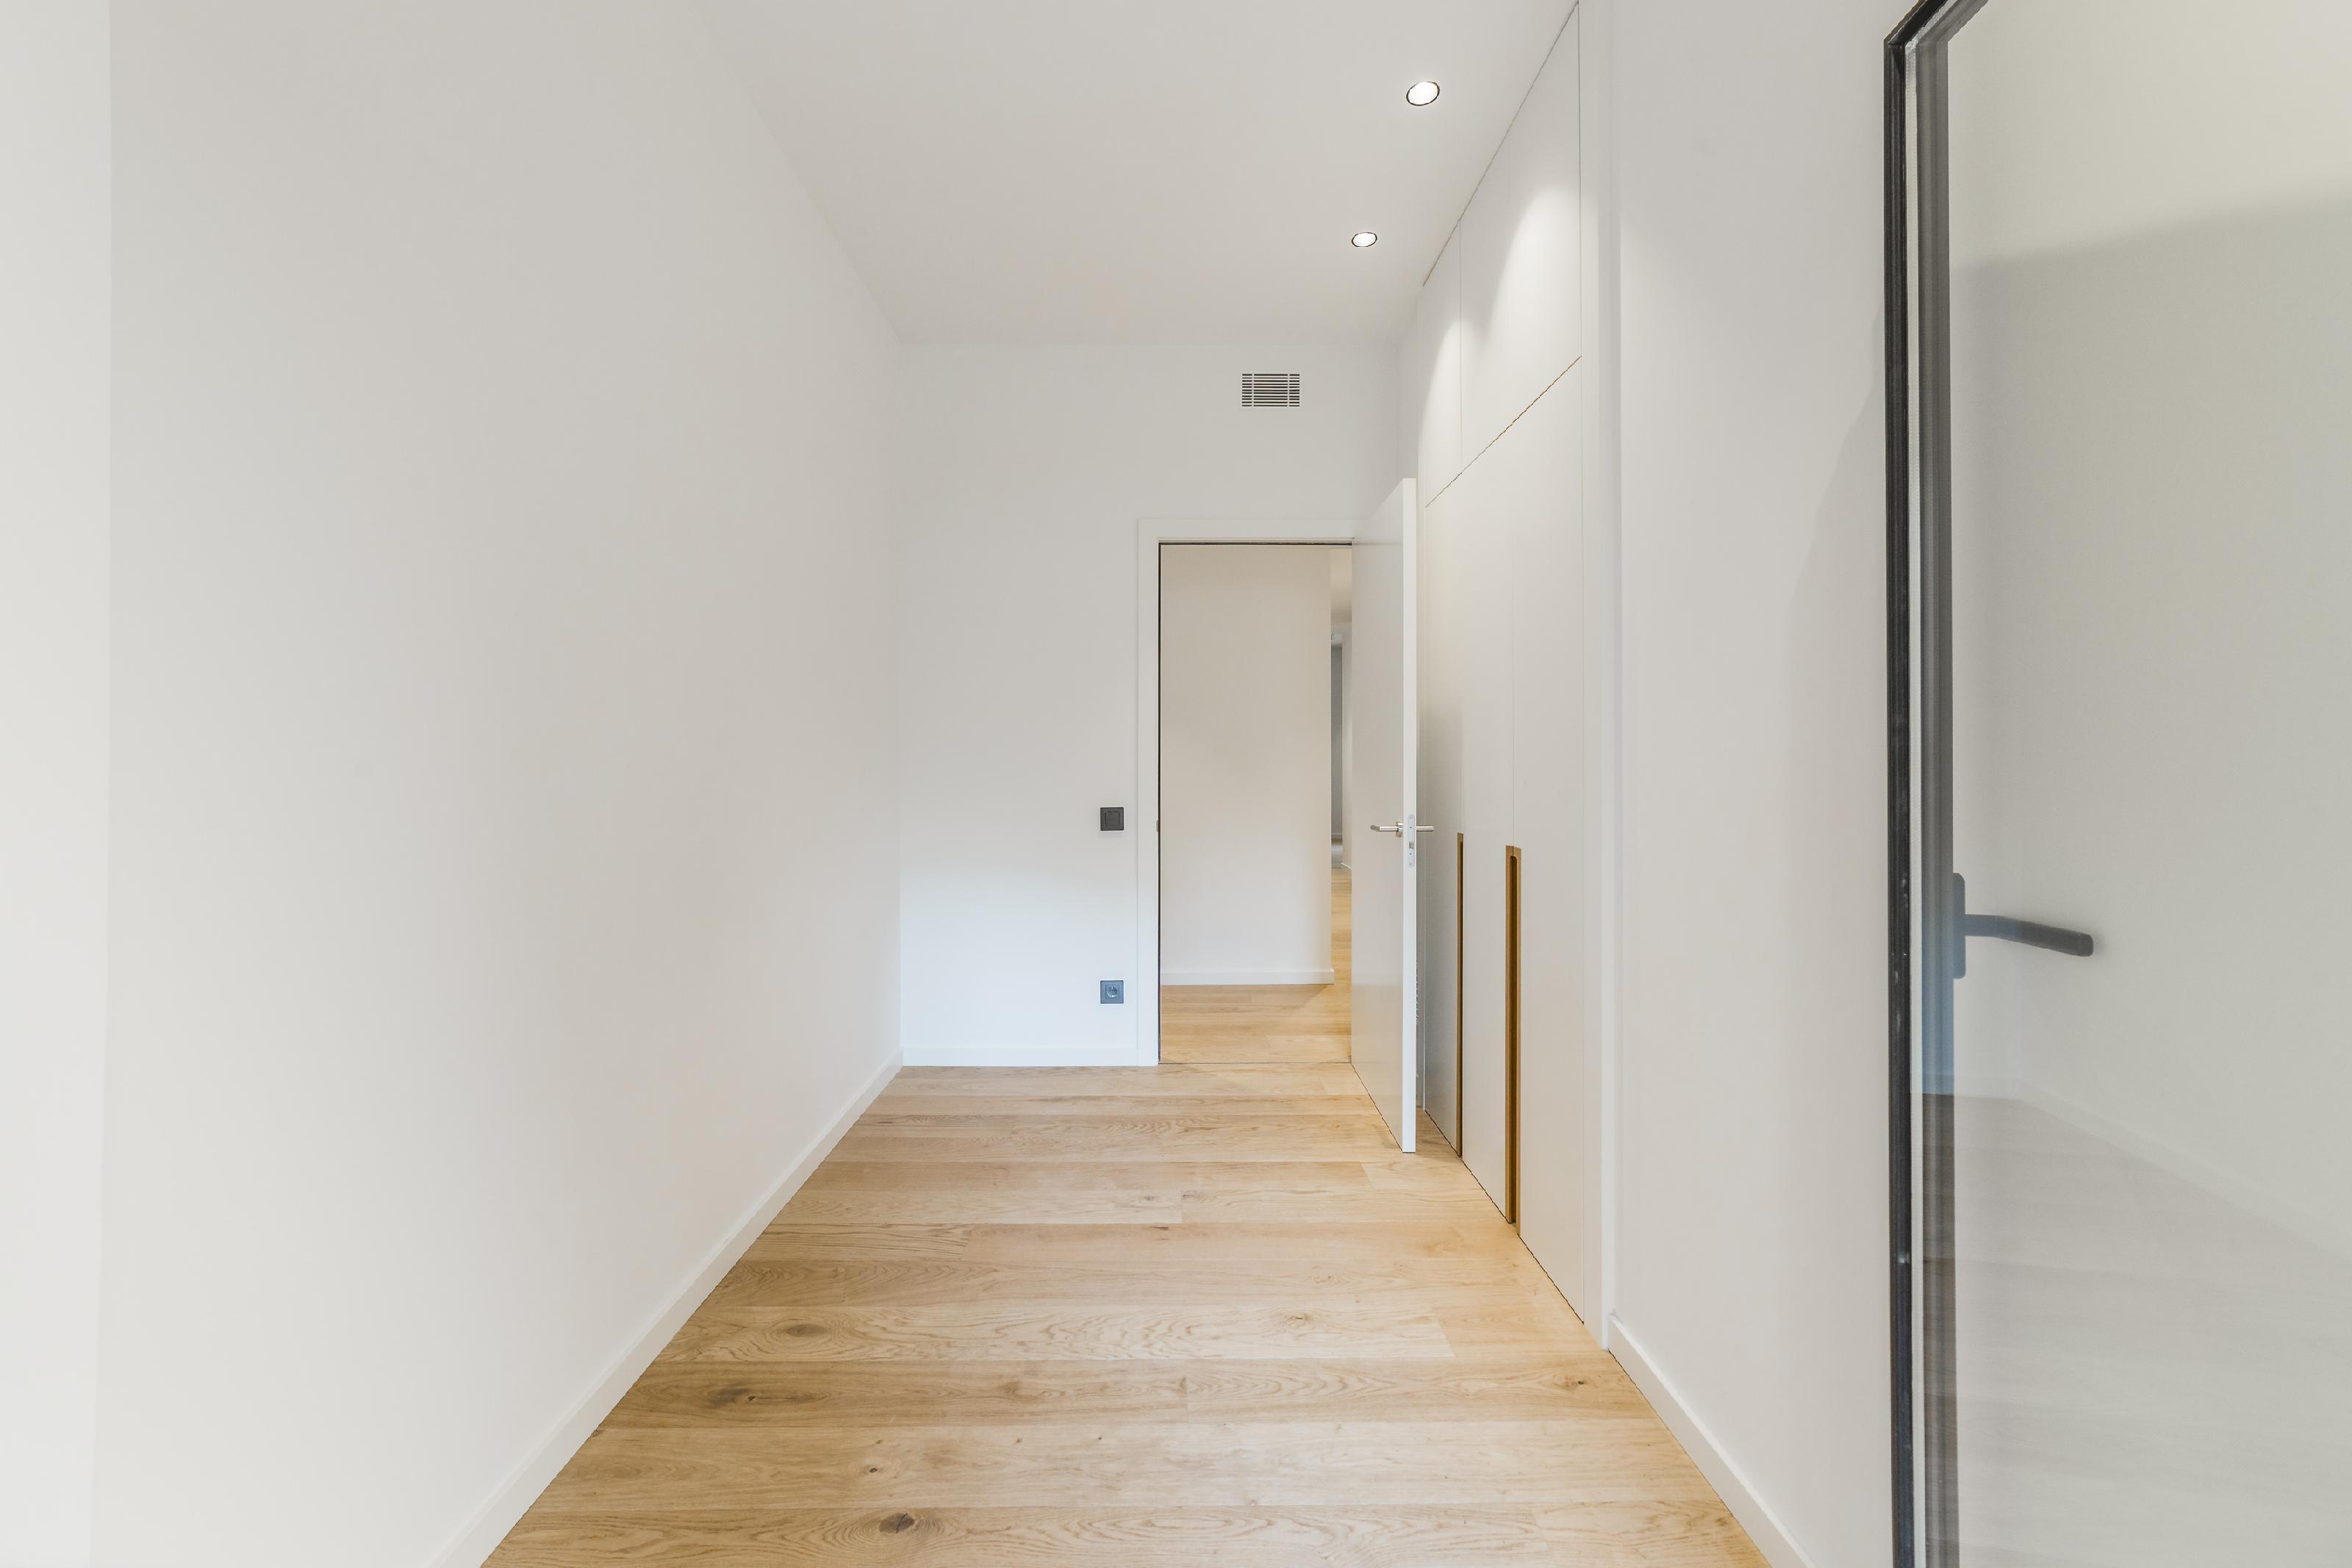 251949 Apartment for sale in Eixample, Antiga Esquerre Eixample 19